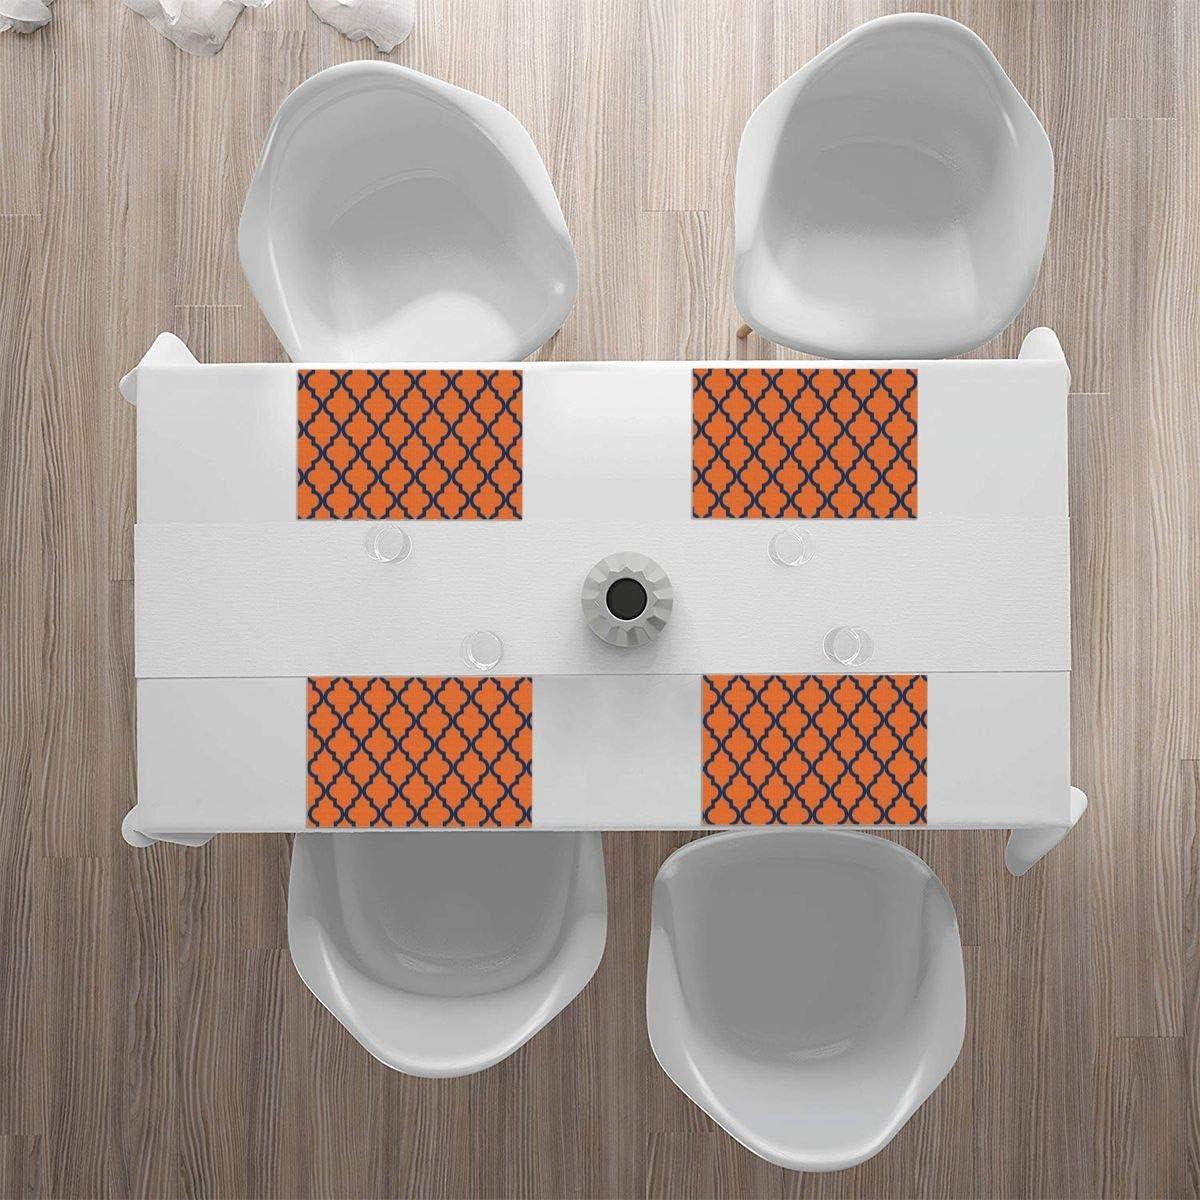 color naranja y azul marino bandeja alfombrilla lavable para cocina Juego de 4 manteles individuales para mesa de comedor dise/ño marroqu/í mesa de cena suave y ligero.